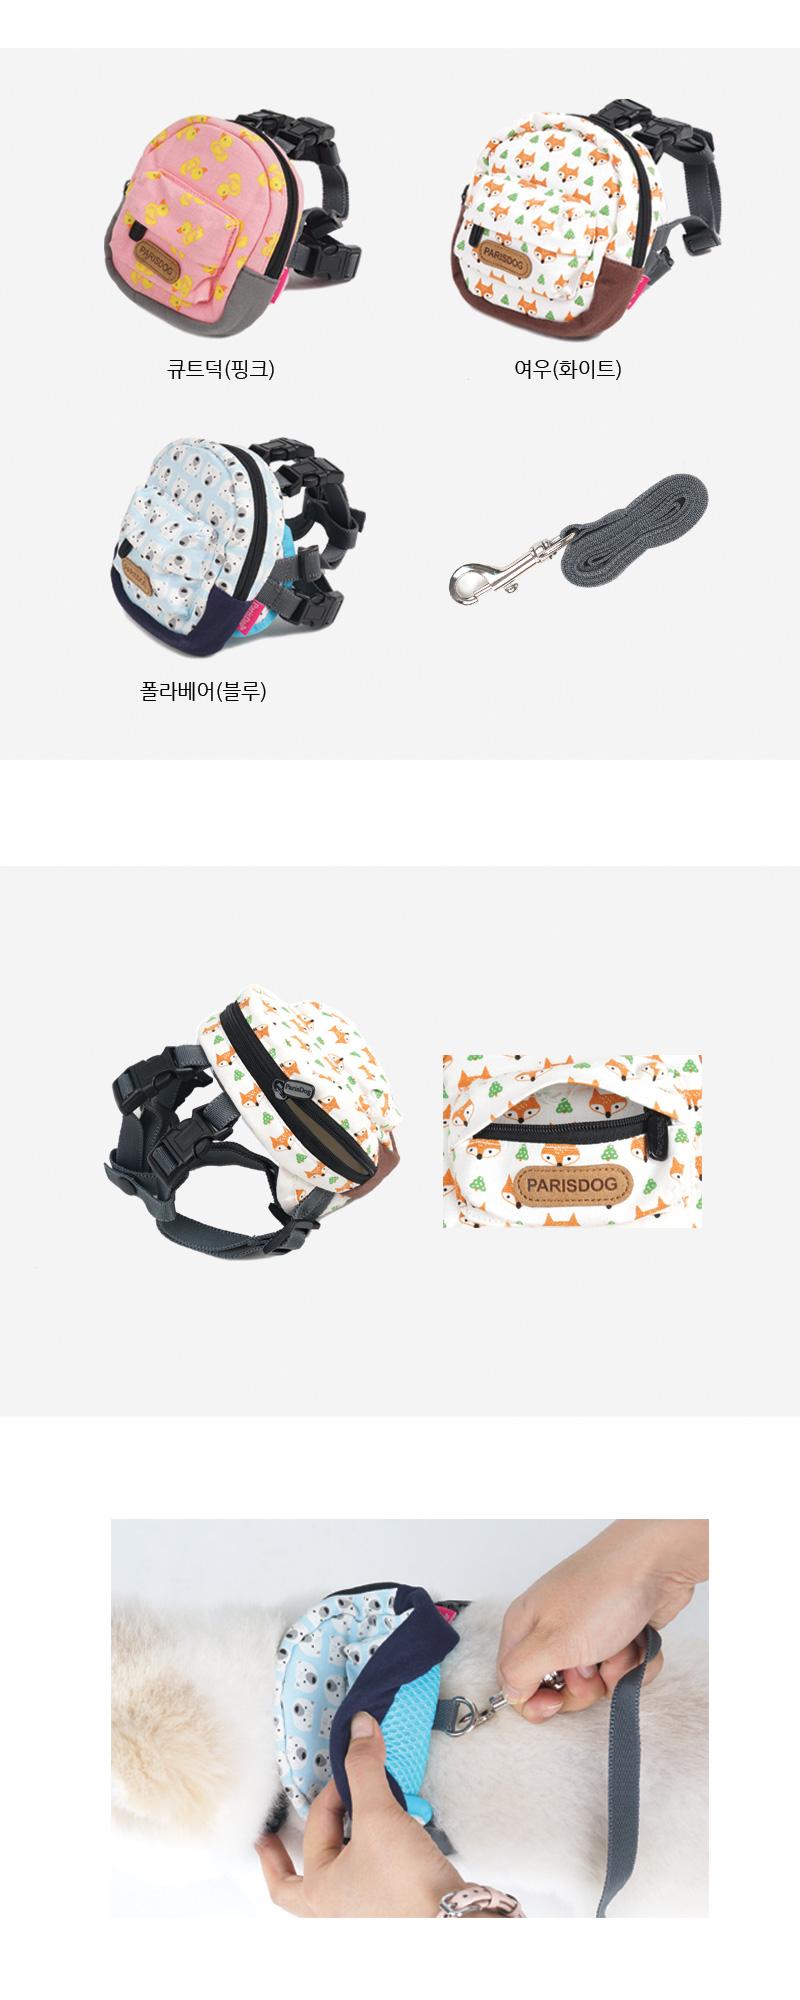 애견가방 심플패턴 백팩하네스 - 스토어봄, 13,500원, 이동장/리드줄/야외용품, 목줄/가슴줄